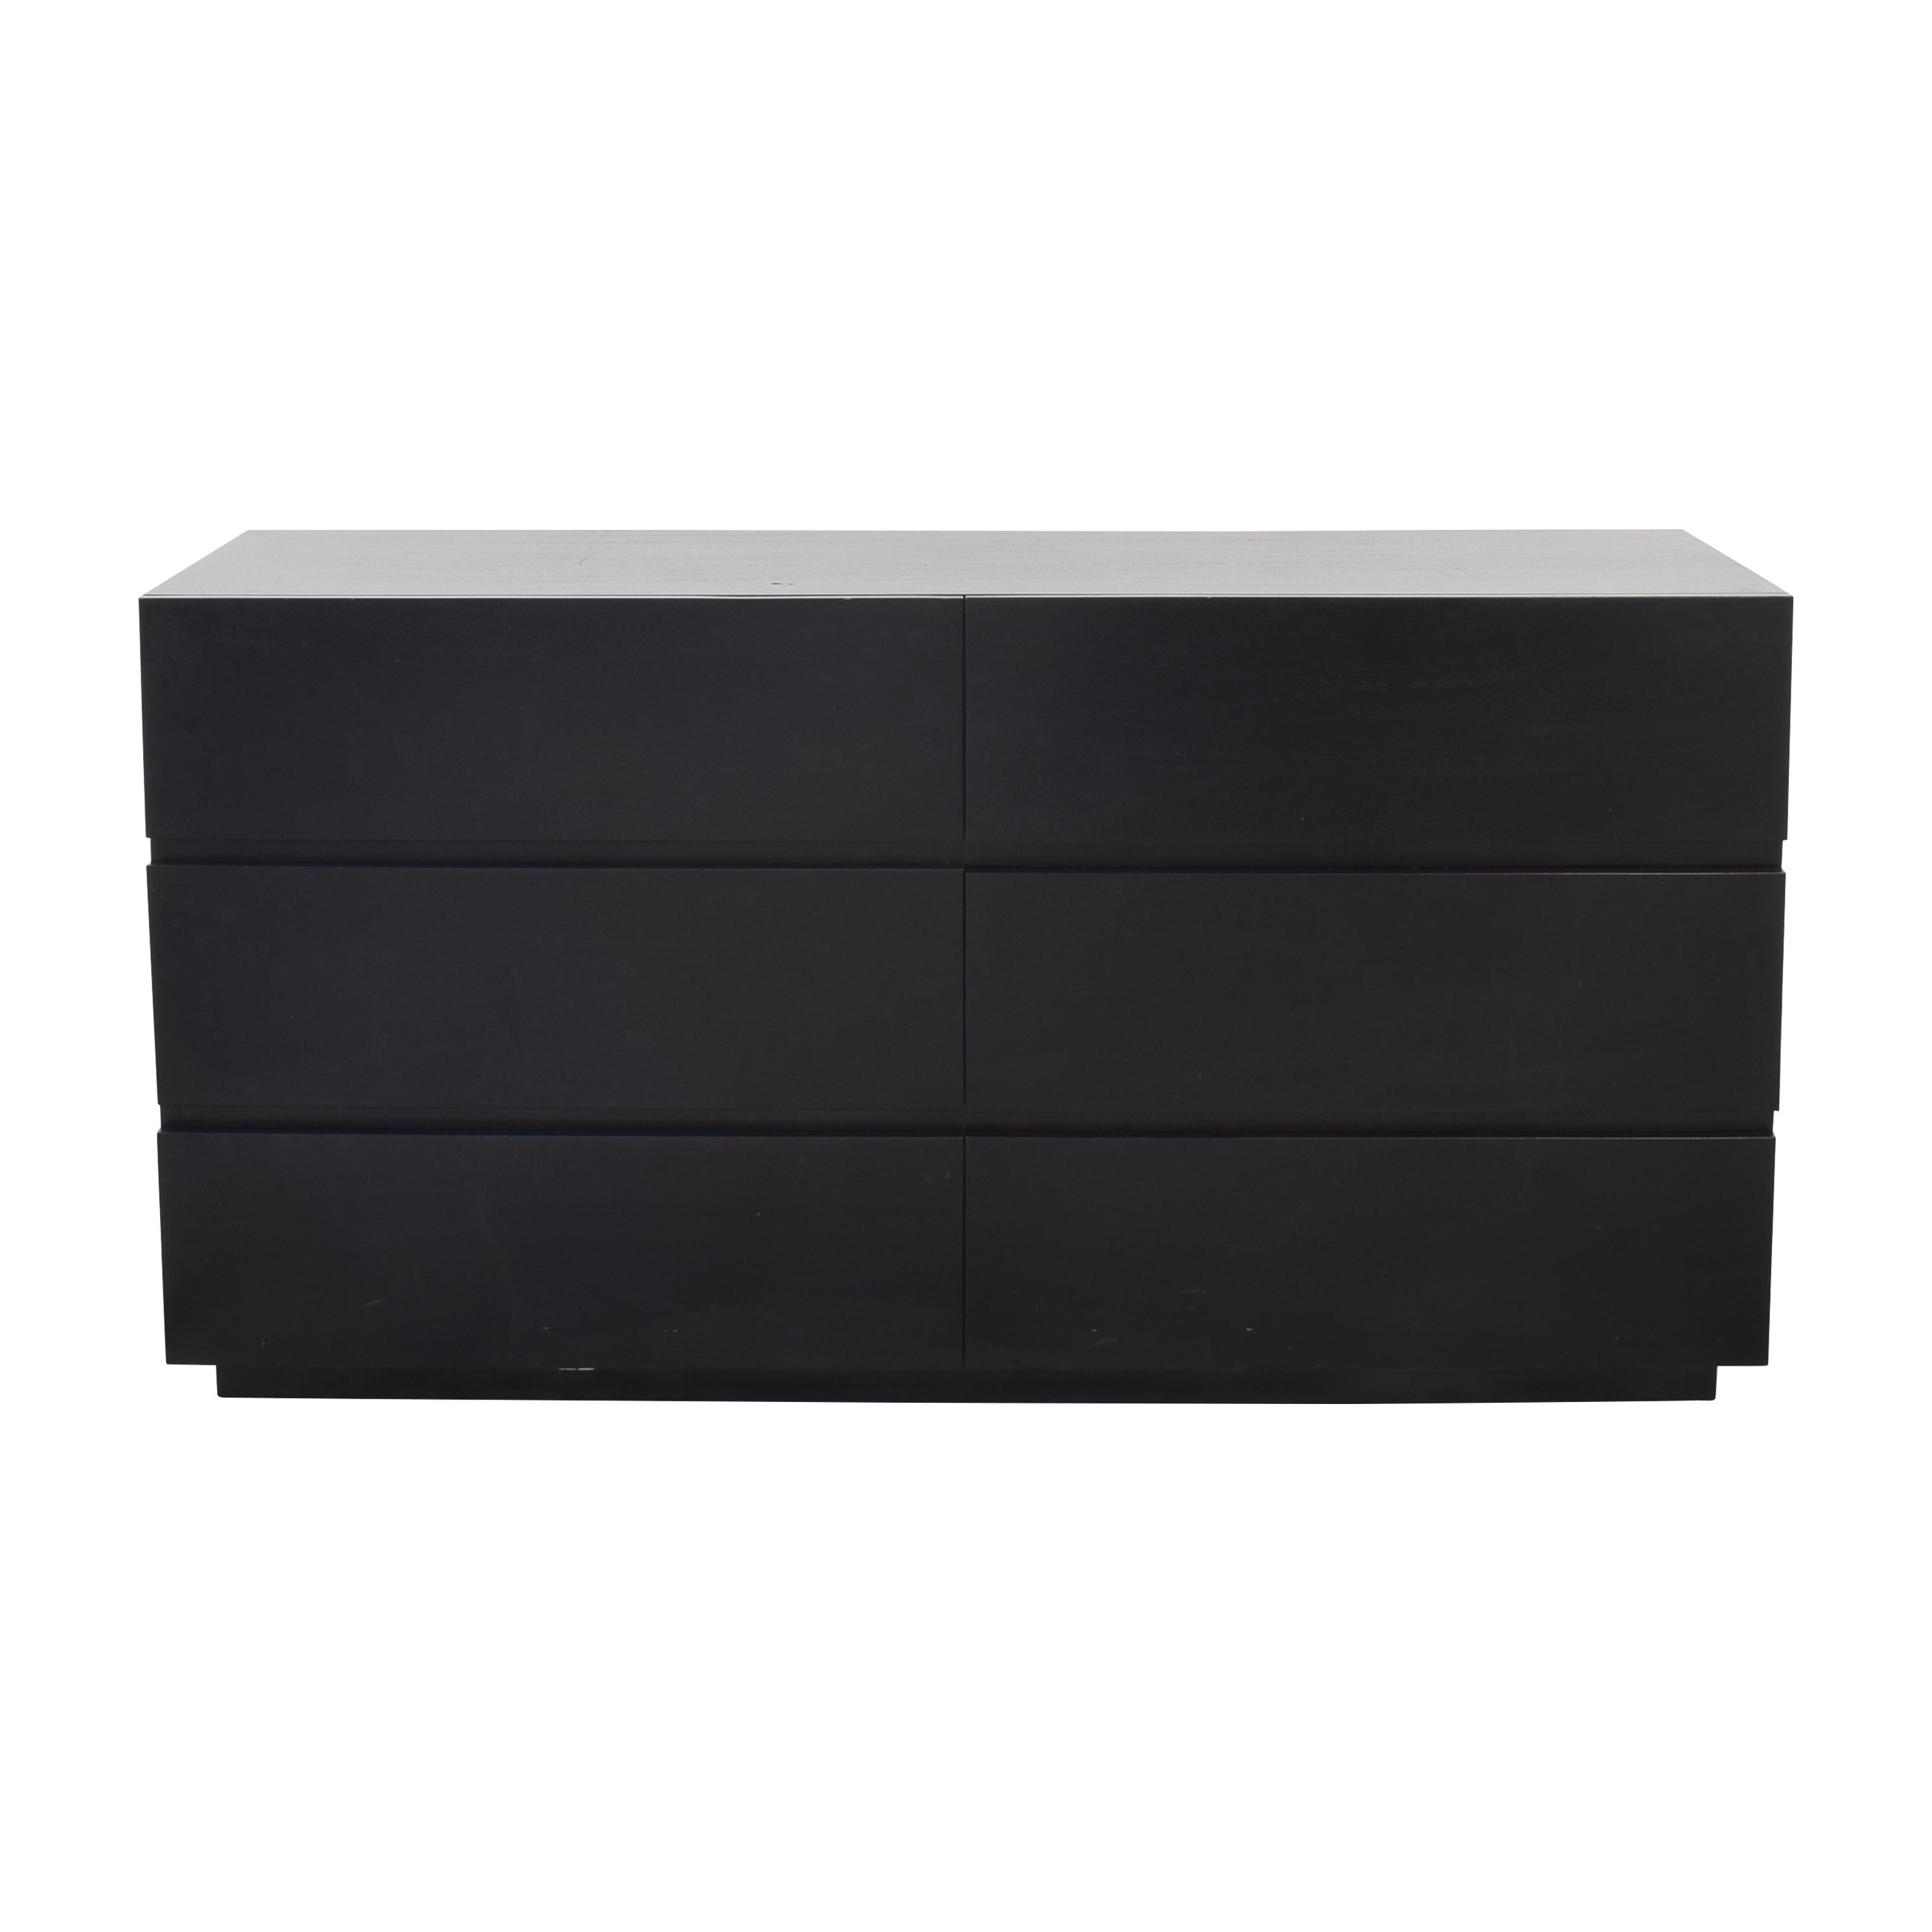 Crate & Barrel Crate & Barrel Pavillion 6-Drawer Dresser on sale